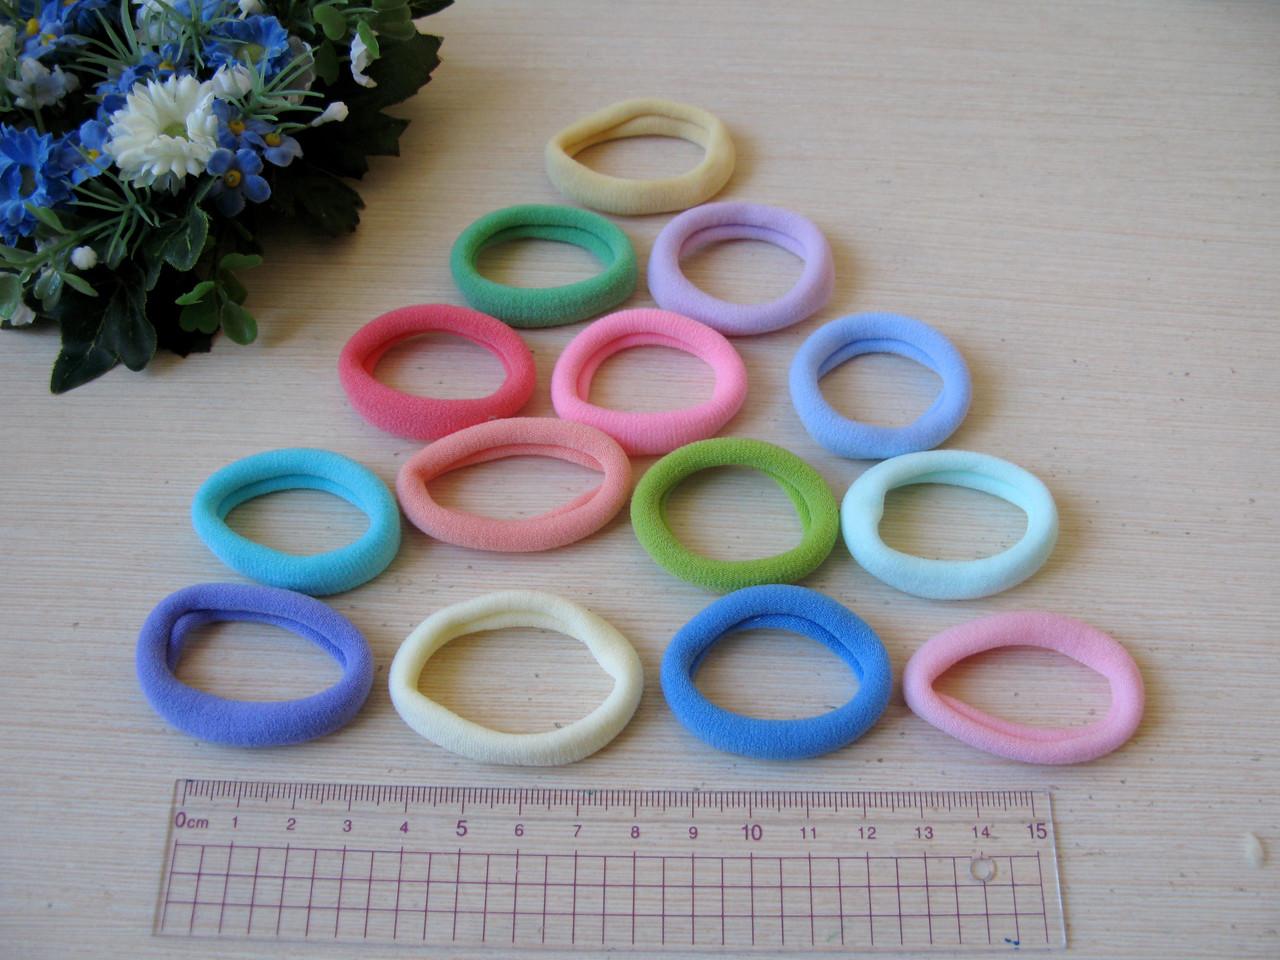 Резиночка цветная (пастельные тона) 3.6 см микрофибра 9 грн - 10 шт.